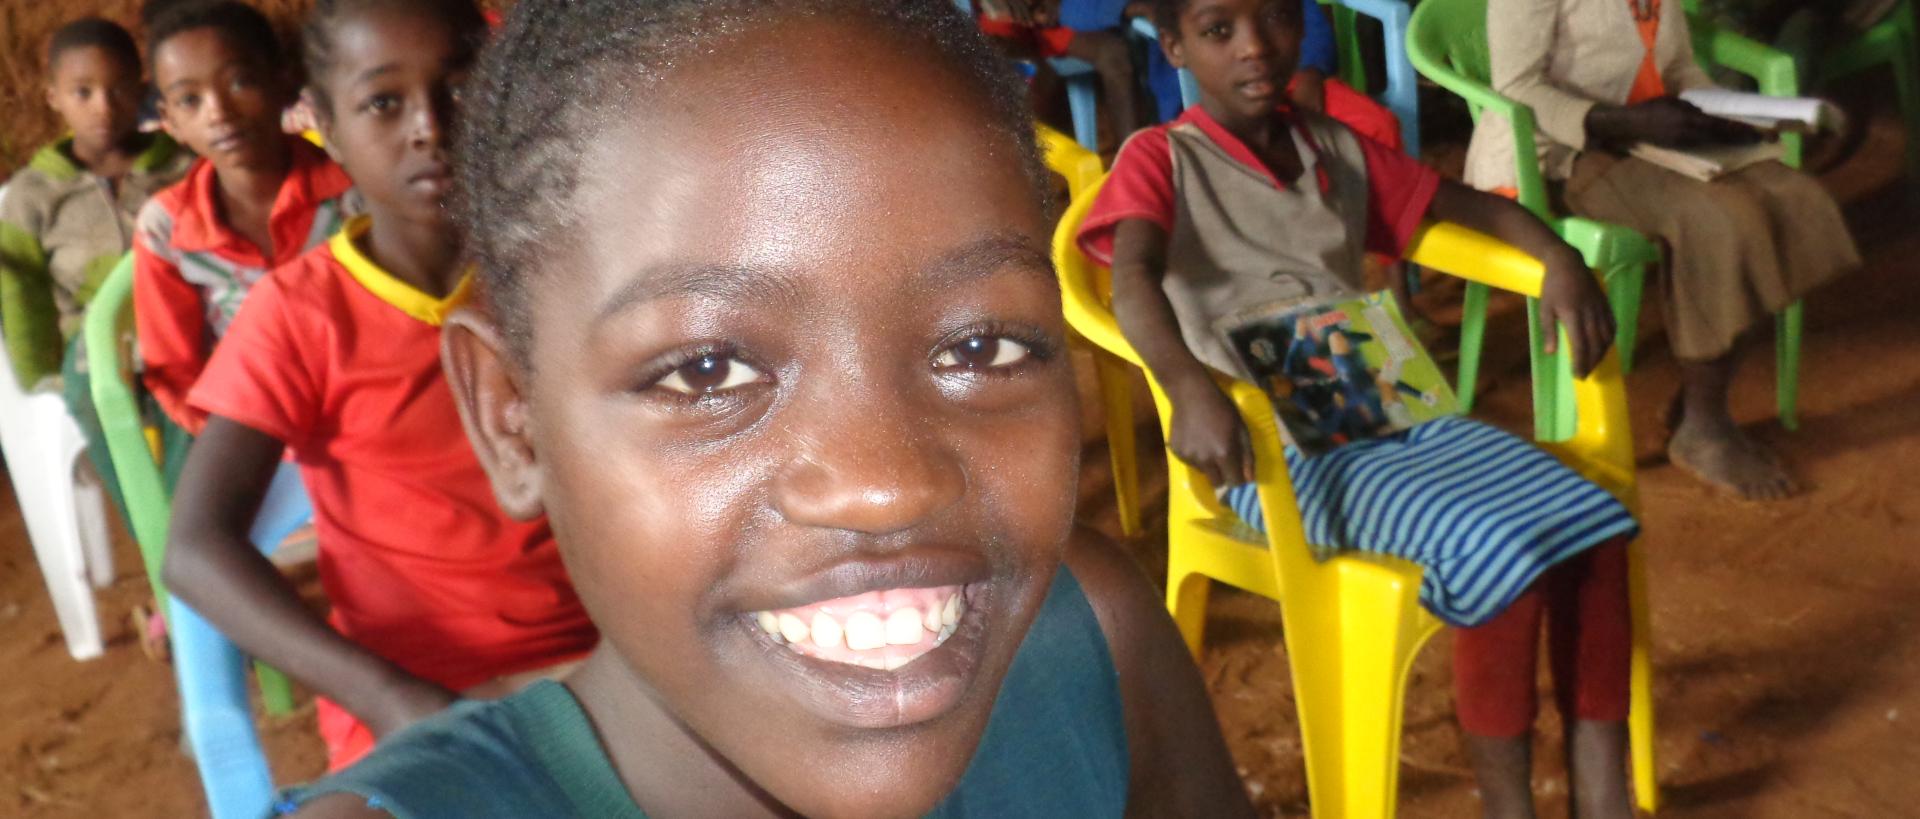 L'impatto del Coronavirus sull'istruzione nel mondo